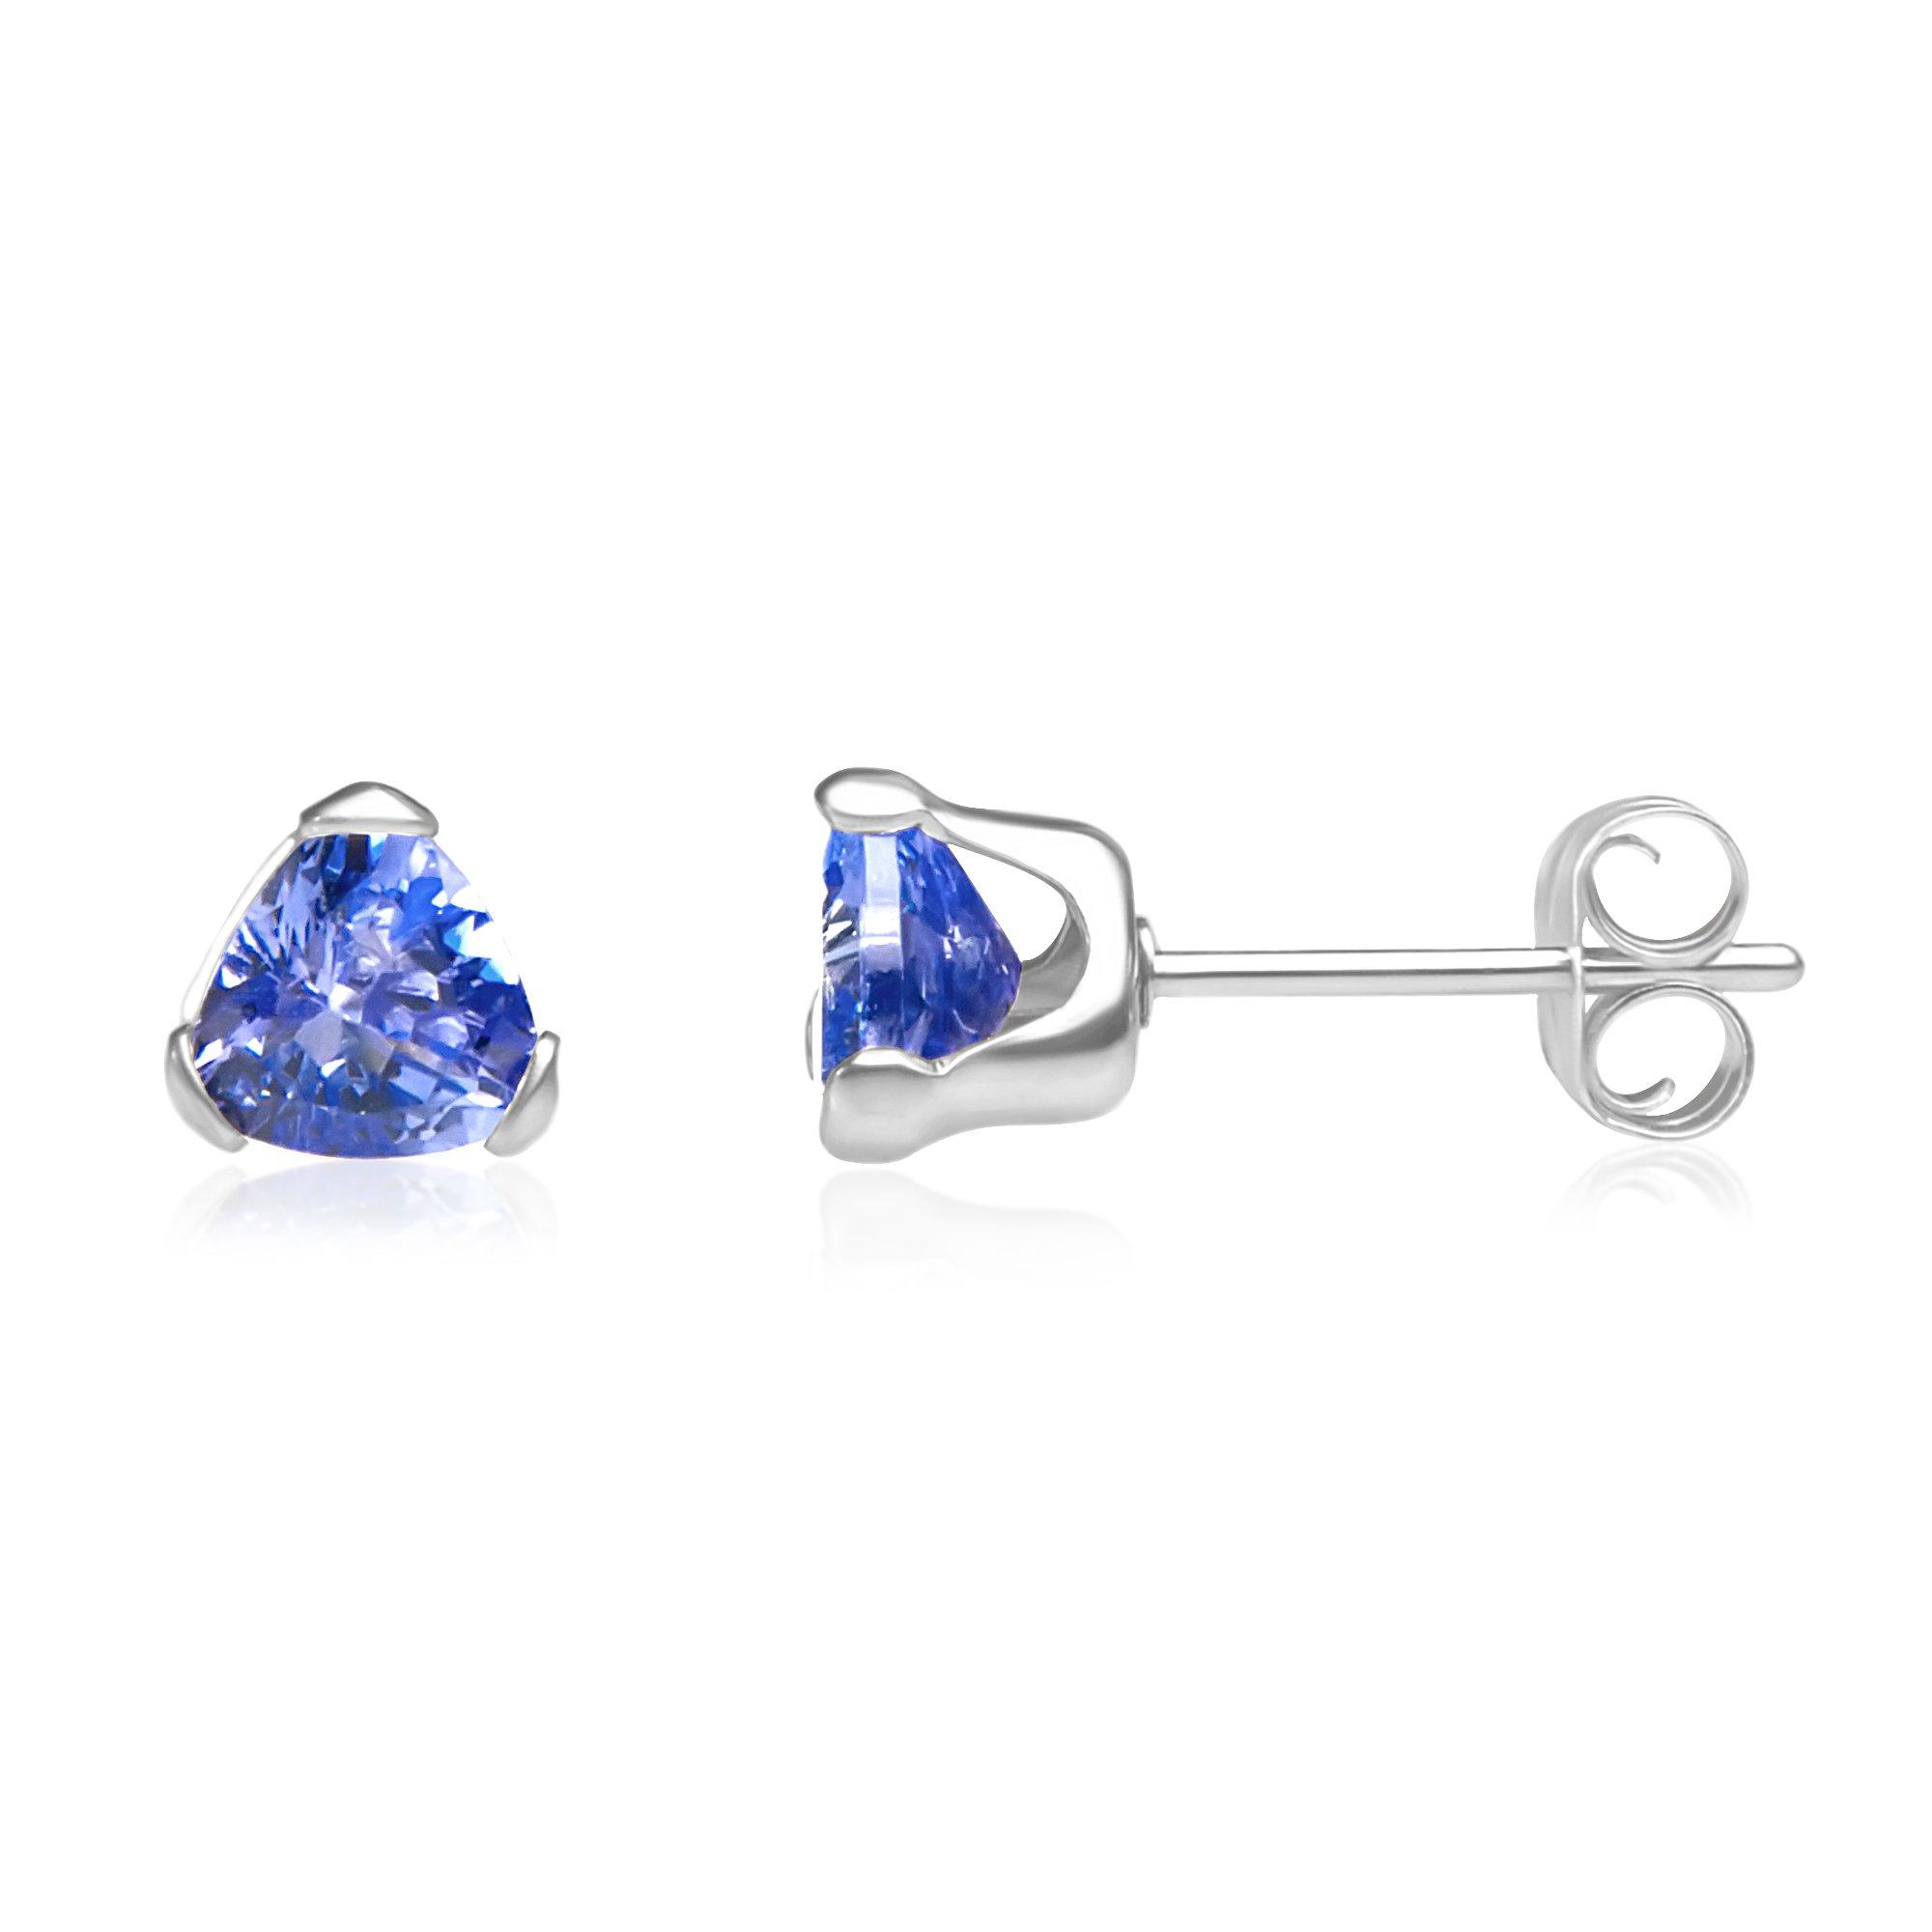 Sterling Silver Trillion Tanzanite Stud Earrings - 1 cttw